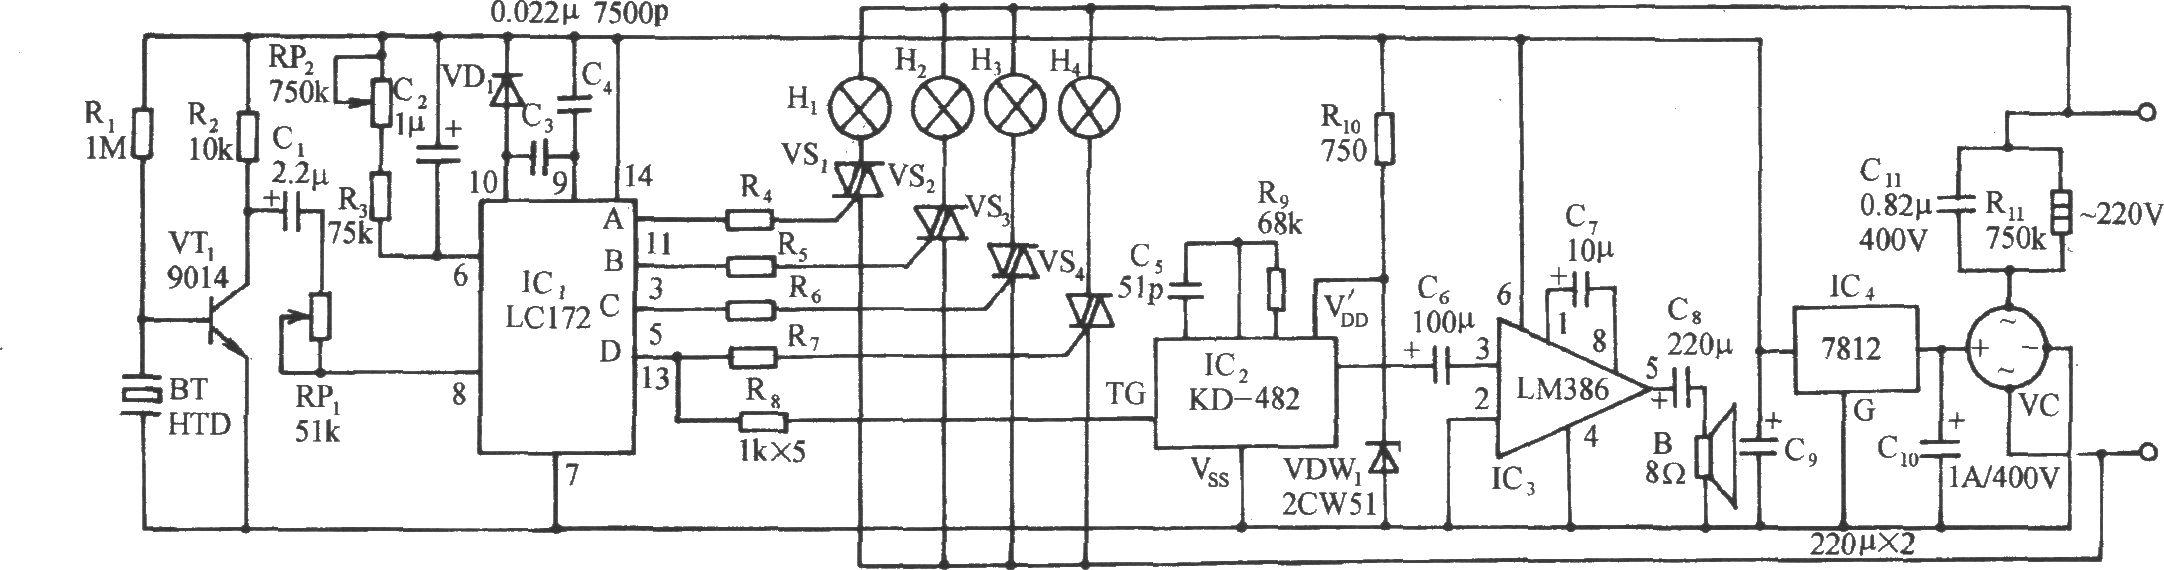 本电路图所用到的元器件: LC172 9014 KD-482 LM386 7812  如图所示电路,它由声控电路、四相脉冲分配/驱动器、可控硅触发控制电路、乐曲发声电路和交流降压整流电路等组成。在猝发声响信号启动彩灯点亮后,乐曲开始播放,随后,彩灯便按照音乐的旋律和响度大小而流水或追逐,且乐曲节奏快、音响响度大,流水速度加快;反之,流水速度变慢。彩灯的变化与乐曲的主旋律同步进行。